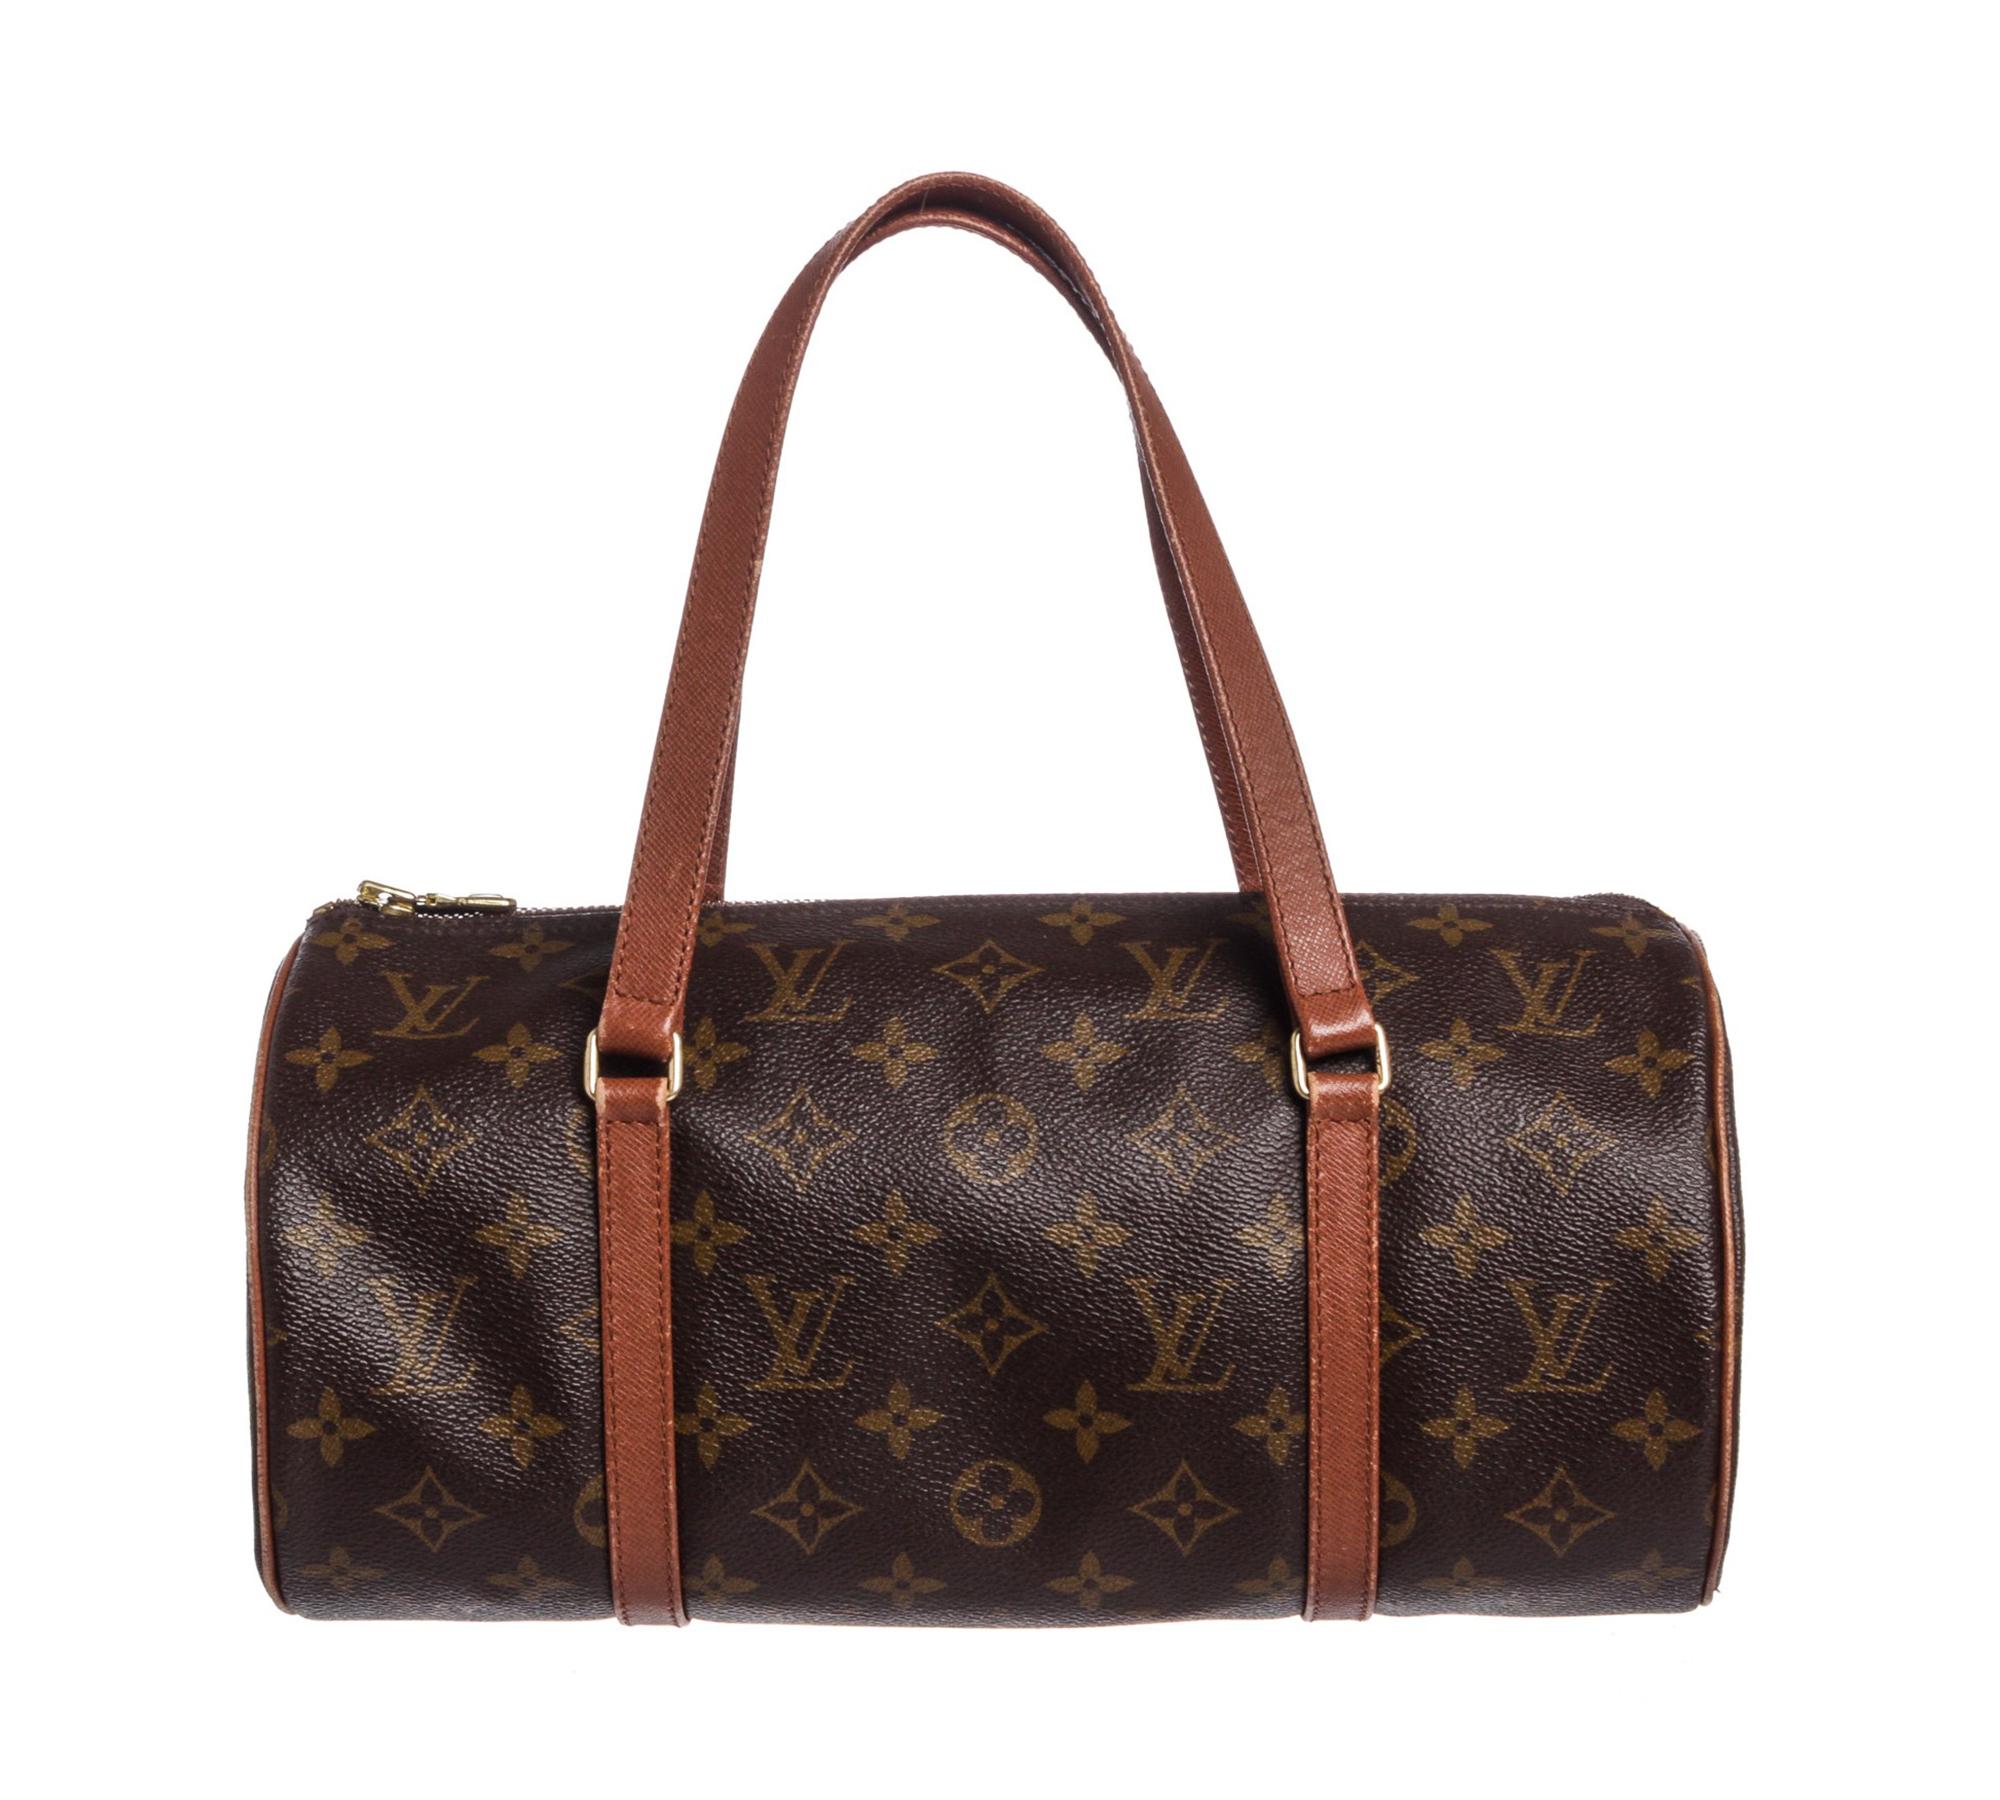 73cbb964fe Shop for Louis Vuitton Monogram Canvas Leather Vintage Papillon 30 ...